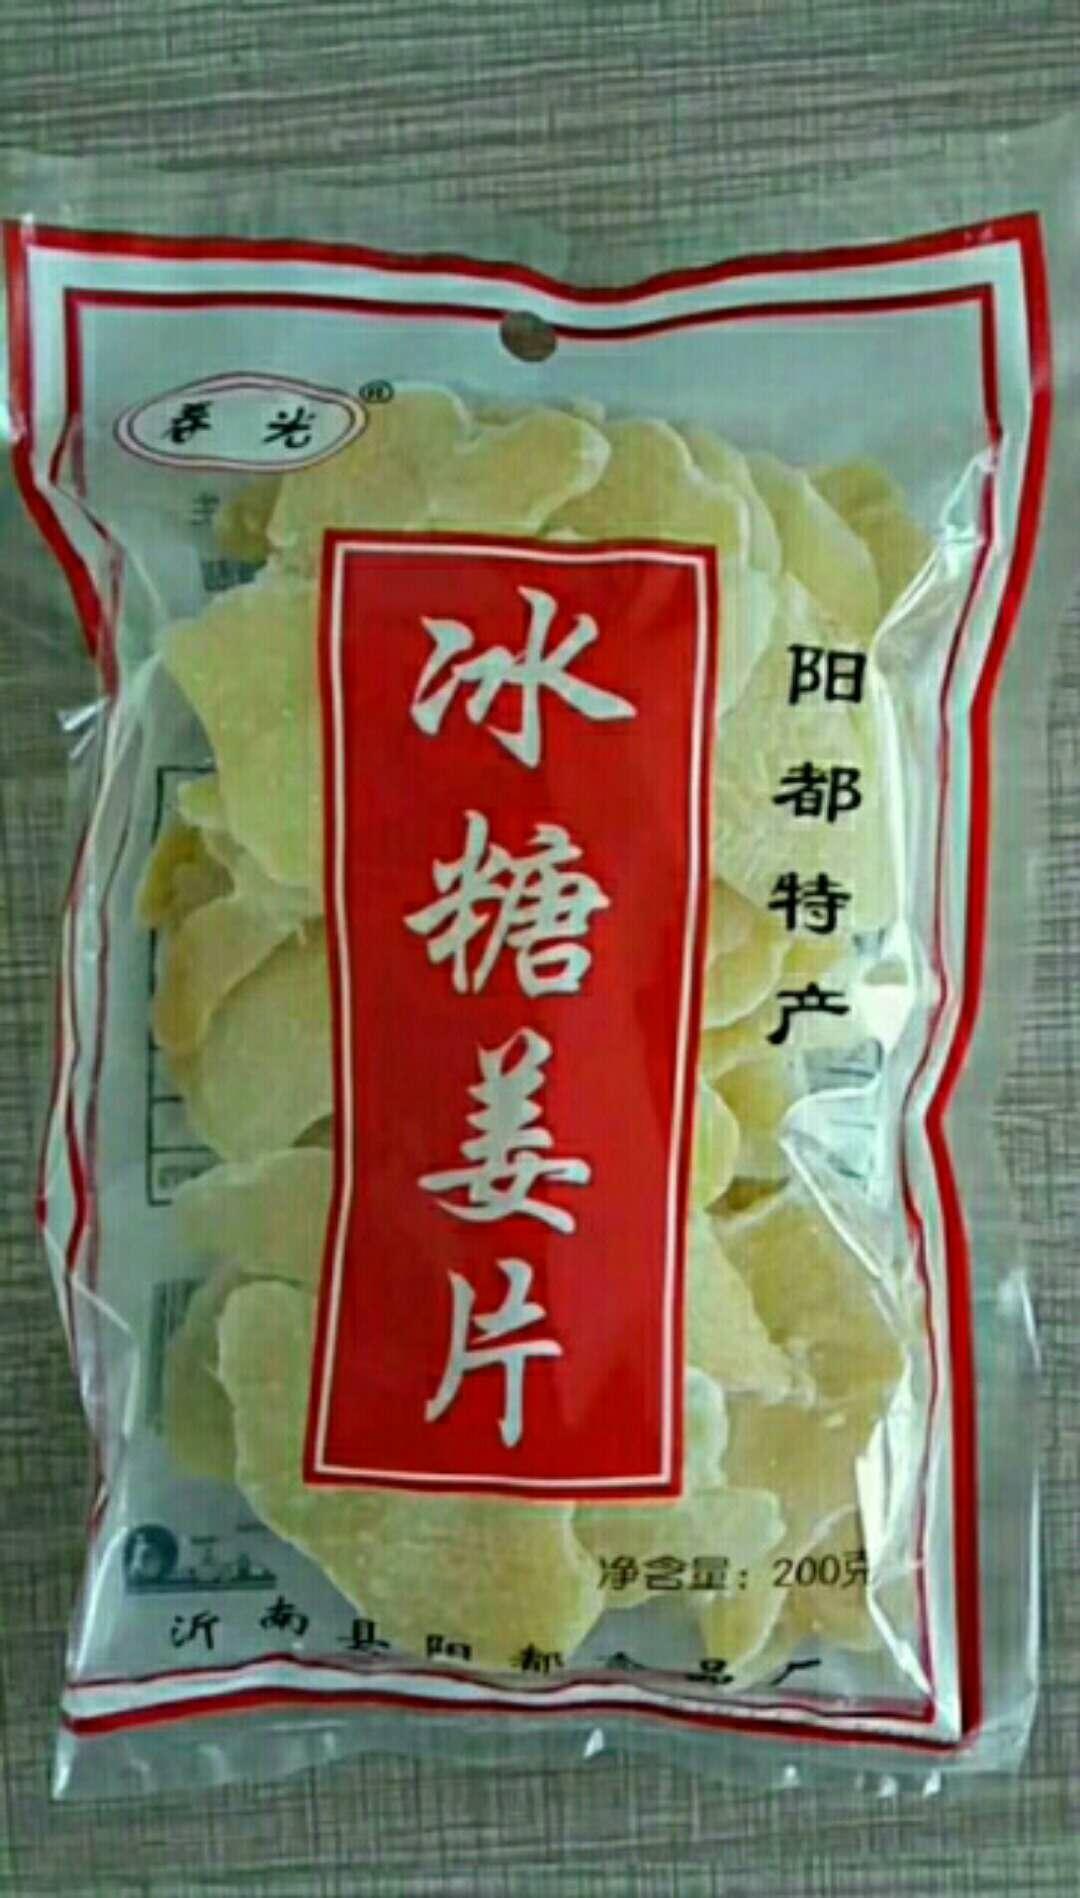 春光牌糖姜片供应商推荐,乌鲁木齐姜汁糖价格